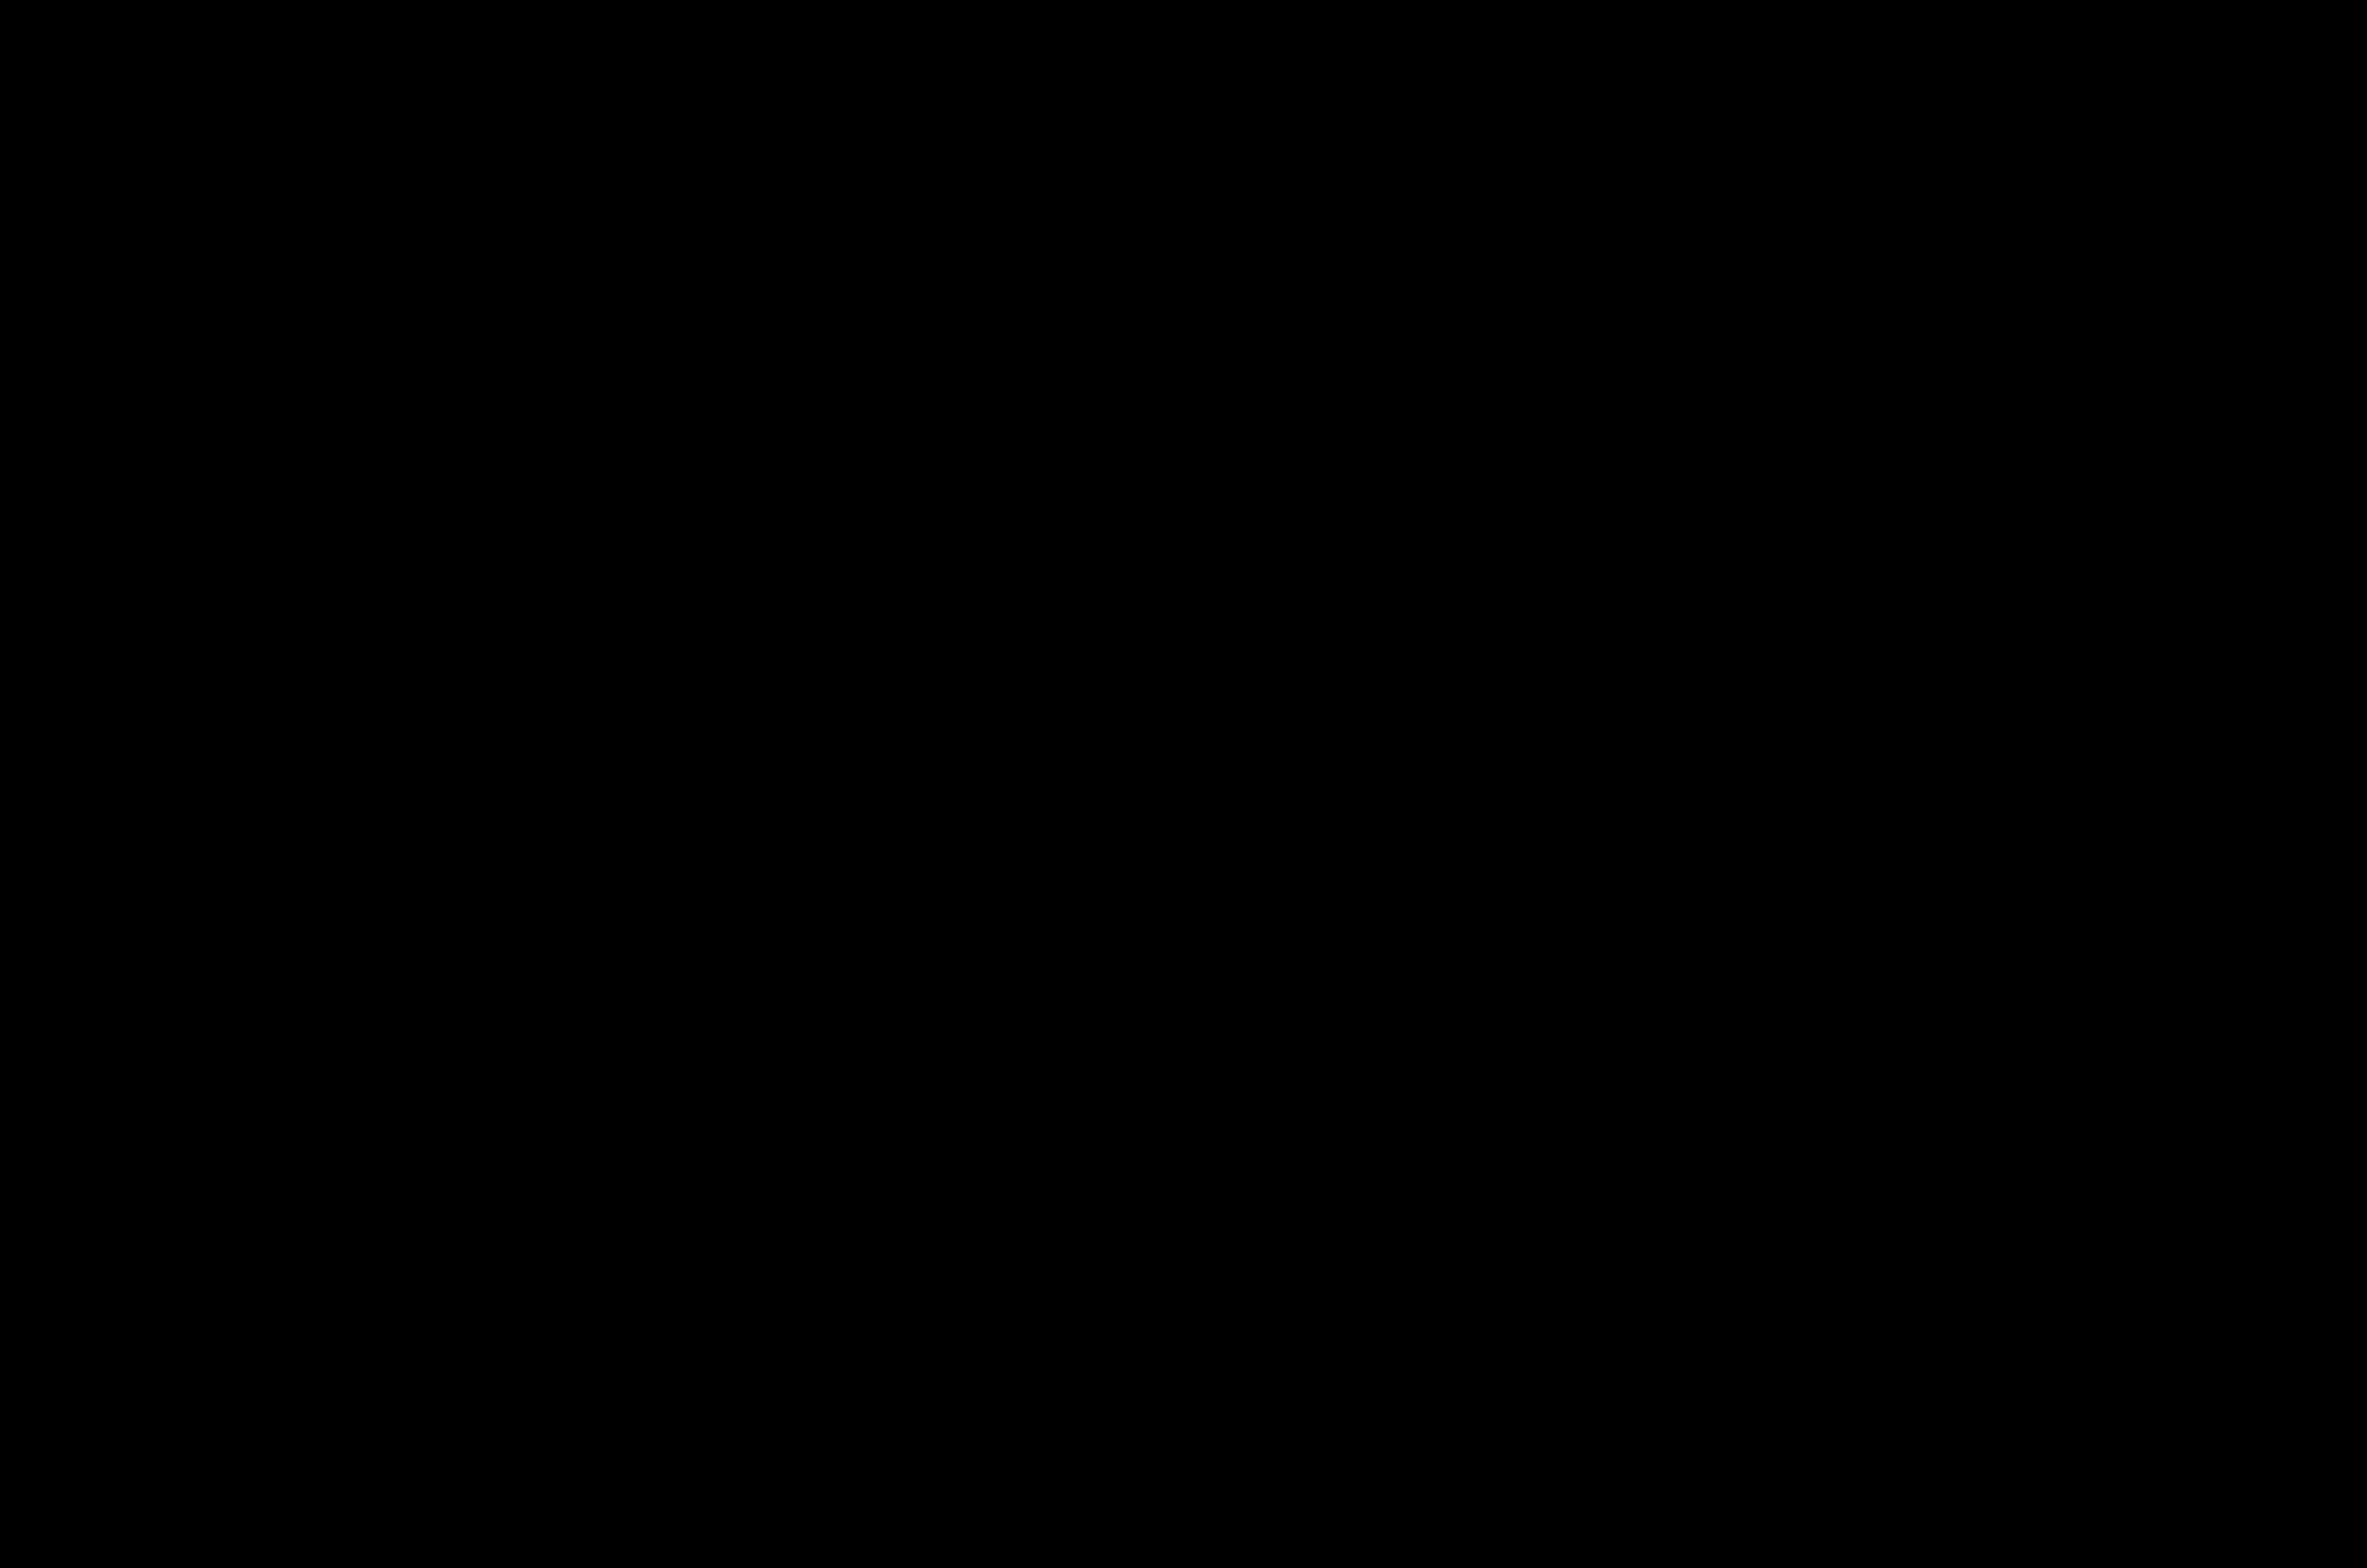 dsc_5700-2-min